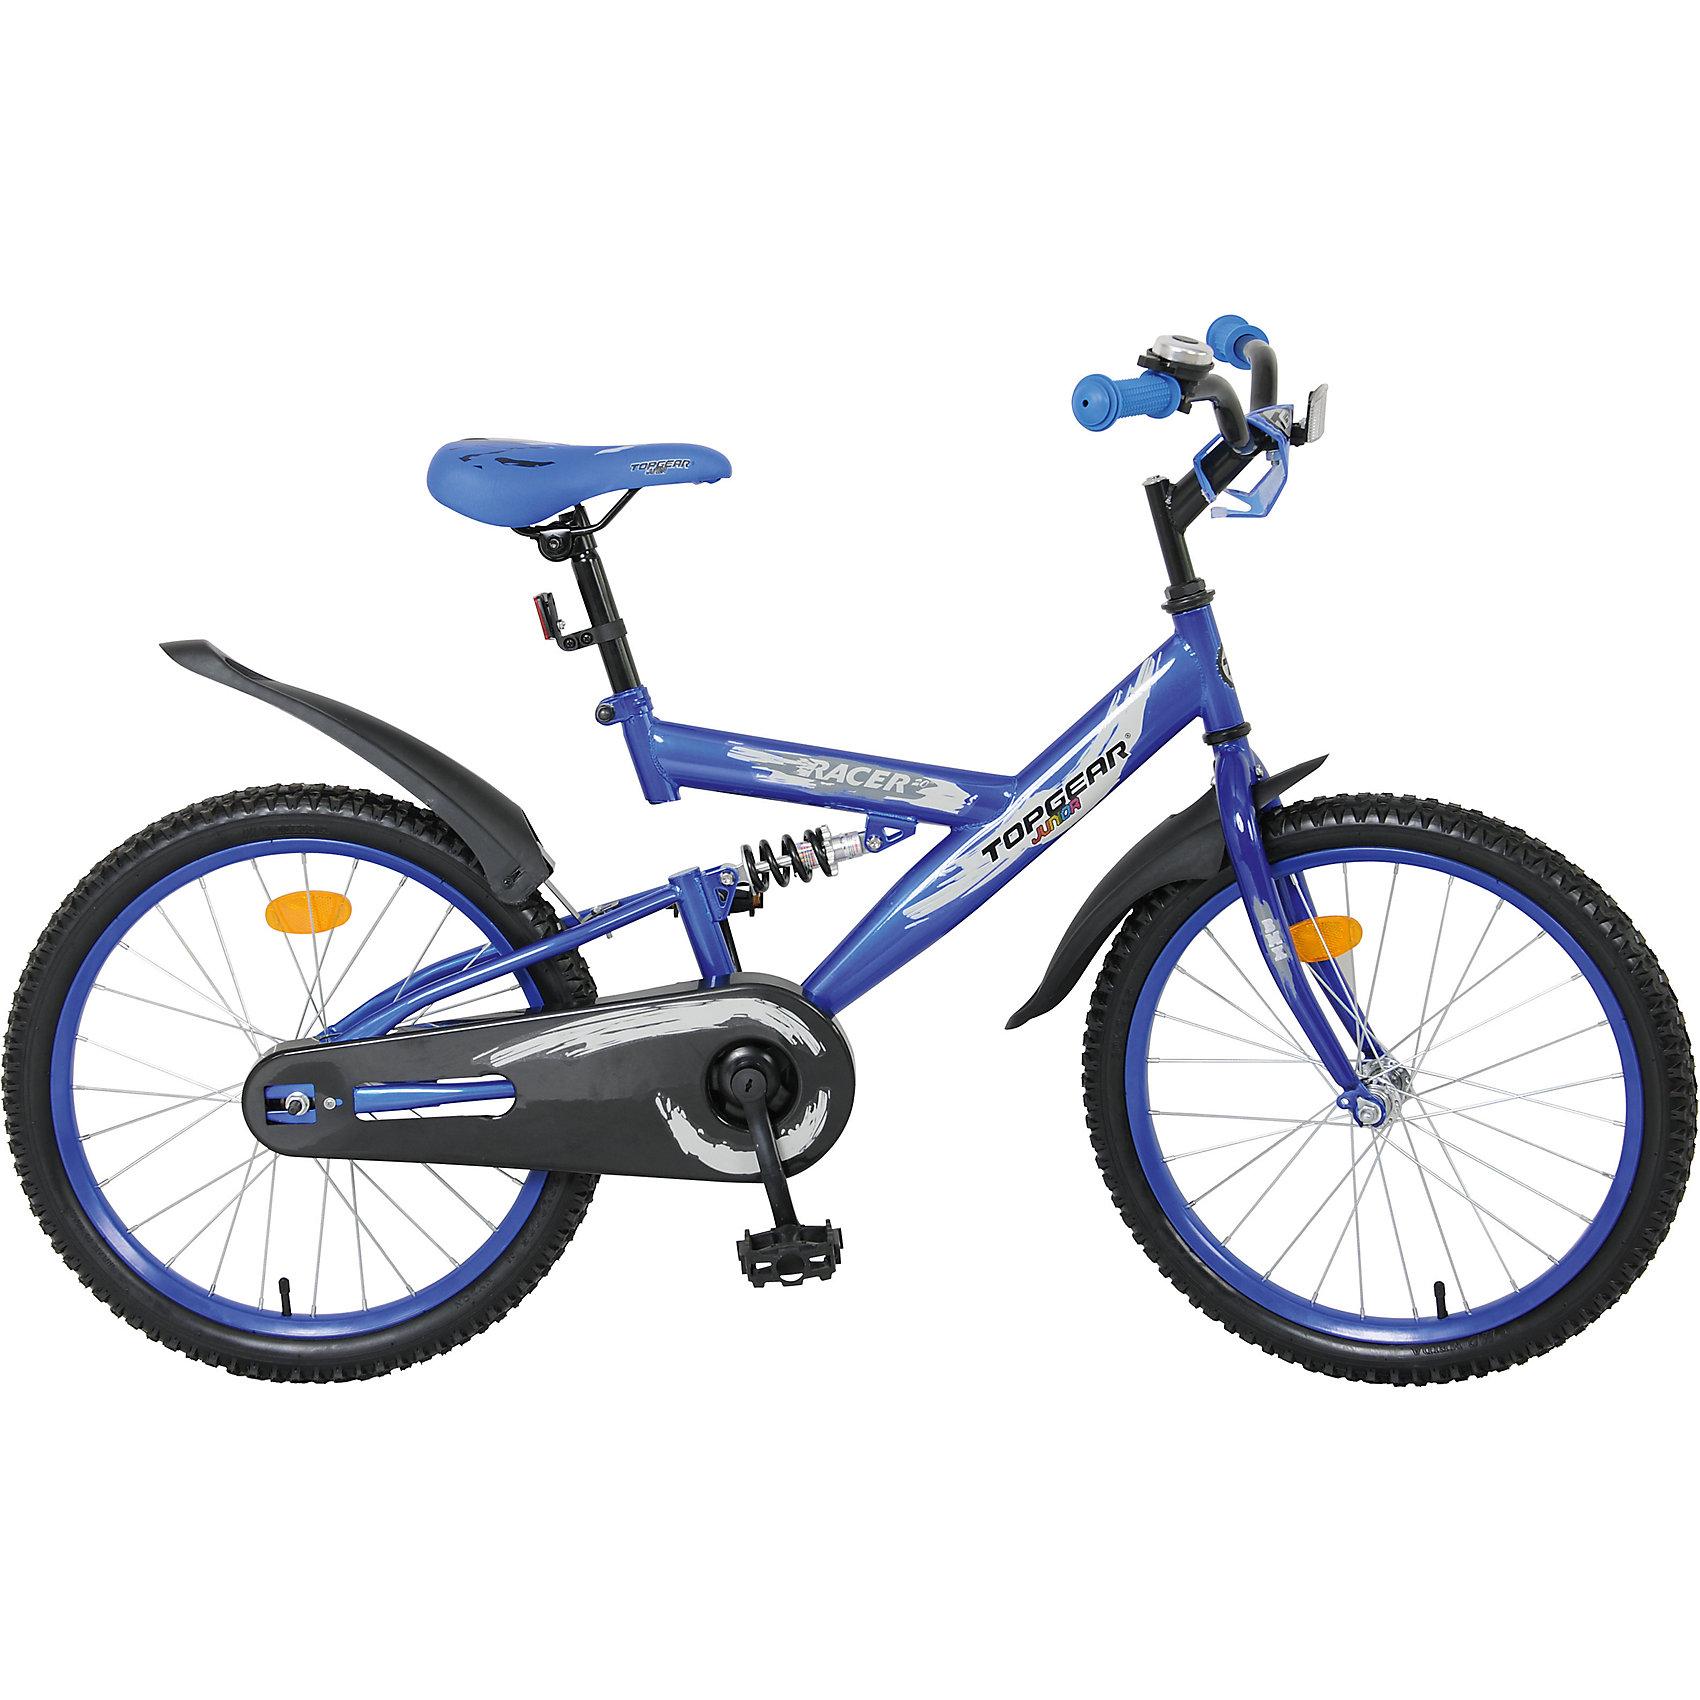 Велосипед Junior Racer, синий, Top GearВелосипед Junior Racer, синий, Top Gear (Топ Гир) - это взрослое качество и характеристики в детском велосипеде!<br>Top Gear Junior - коллекция люксового сегмента, велосипеды взрослого качества и конструкции - специально для детей. Продукция Top Gear Junior обладает всеми улучшенными характеристиками Navigator, а также своими уникальными особенностями. Велосипеды выгодно выделяются, благодаря яркому цветному дизайну седла и вставок в колёса и разнообразным дополнительным аксессуарам. Велосипед Junior Racer имеет двухподвесную амортизационную раму, еврокаретку и полную защиту цепи, что делает его надежным и комфортным. Ручки велосипеда покрыты нескользящими накладками. Сидение мягкое, эргономичное, регулируется по высоте. Педали имеют противоскользящую рифленую поверхность. Комплектуется выдвижной подножкой, звонком, светоотражателями. Надежный и функциональный велосипед Junior Racer одинаково подойдет и для прогулок по городу, и для езды по пересеченной местности.<br><br>Дополнительная информация:<br><br>- Велосипед предназначен для детей от 7 до 14 лет<br>- Подходит для детей ростом 120 - 145 см<br>- Тип велосипеда: горный<br>- Конструкция вилки: жесткая<br>- Модель универсальна, предназначена для девочек и мальчиков<br>- Диаметр колес: 20 дюймов<br>- Цвет: синий<br>- Материал рамы: сталь<br>- Материал руля: сталь<br>- Вес в упаковке: 12,7 кг.<br><br>Велосипед Junior Racer, синий, Top Gear (Топ Гир) можно купить в нашем интернет-магазине.<br><br>Ширина мм: 1080<br>Глубина мм: 165<br>Высота мм: 510<br>Вес г: 12700<br>Возраст от месяцев: 84<br>Возраст до месяцев: 144<br>Пол: Унисекс<br>Возраст: Детский<br>SKU: 4655140